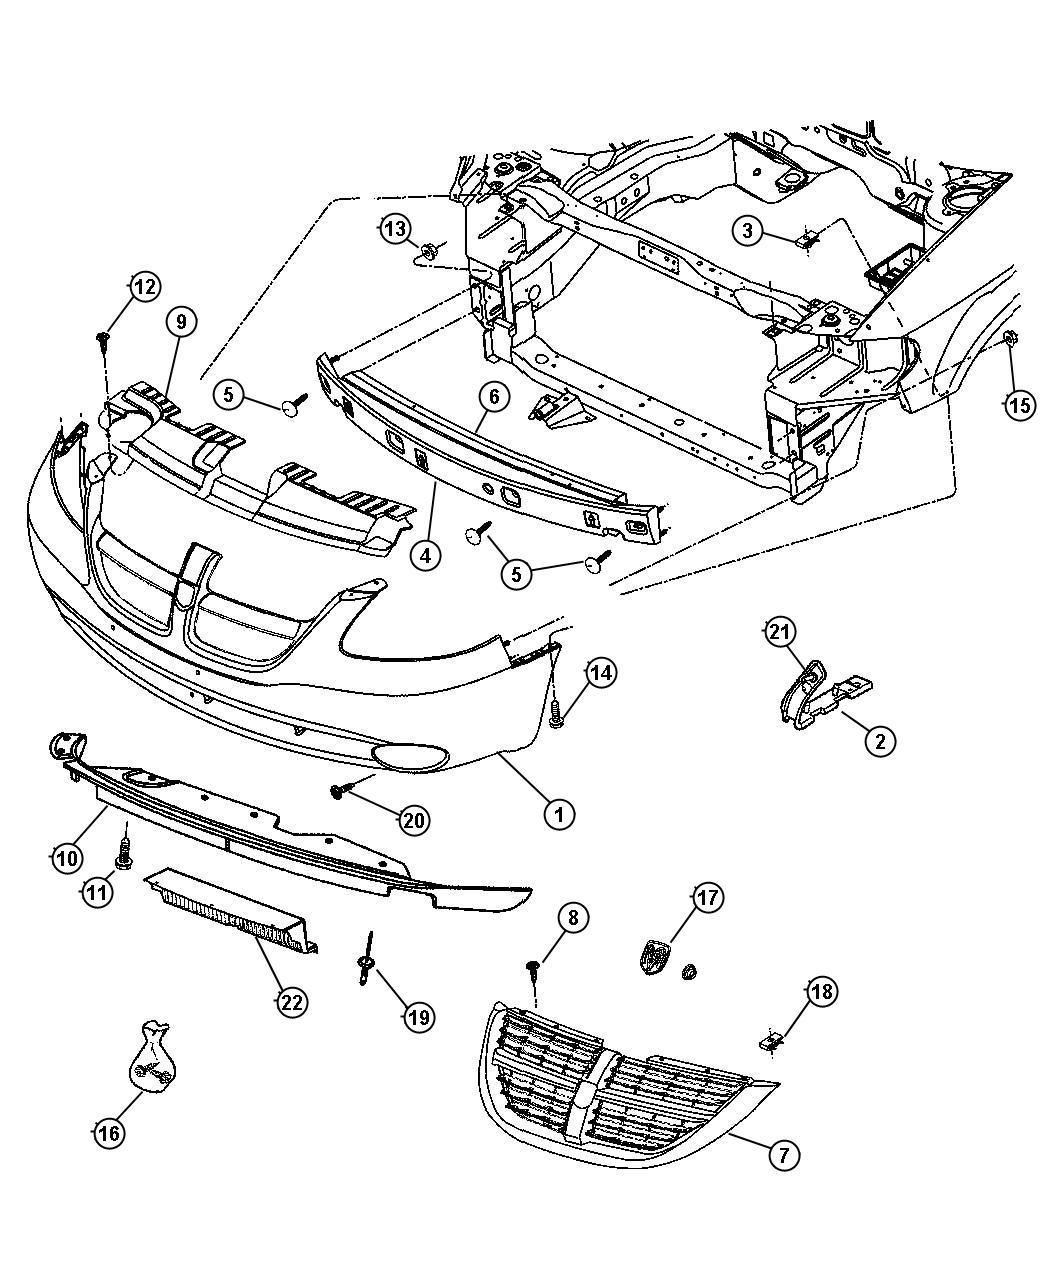 Impala Fuse Box